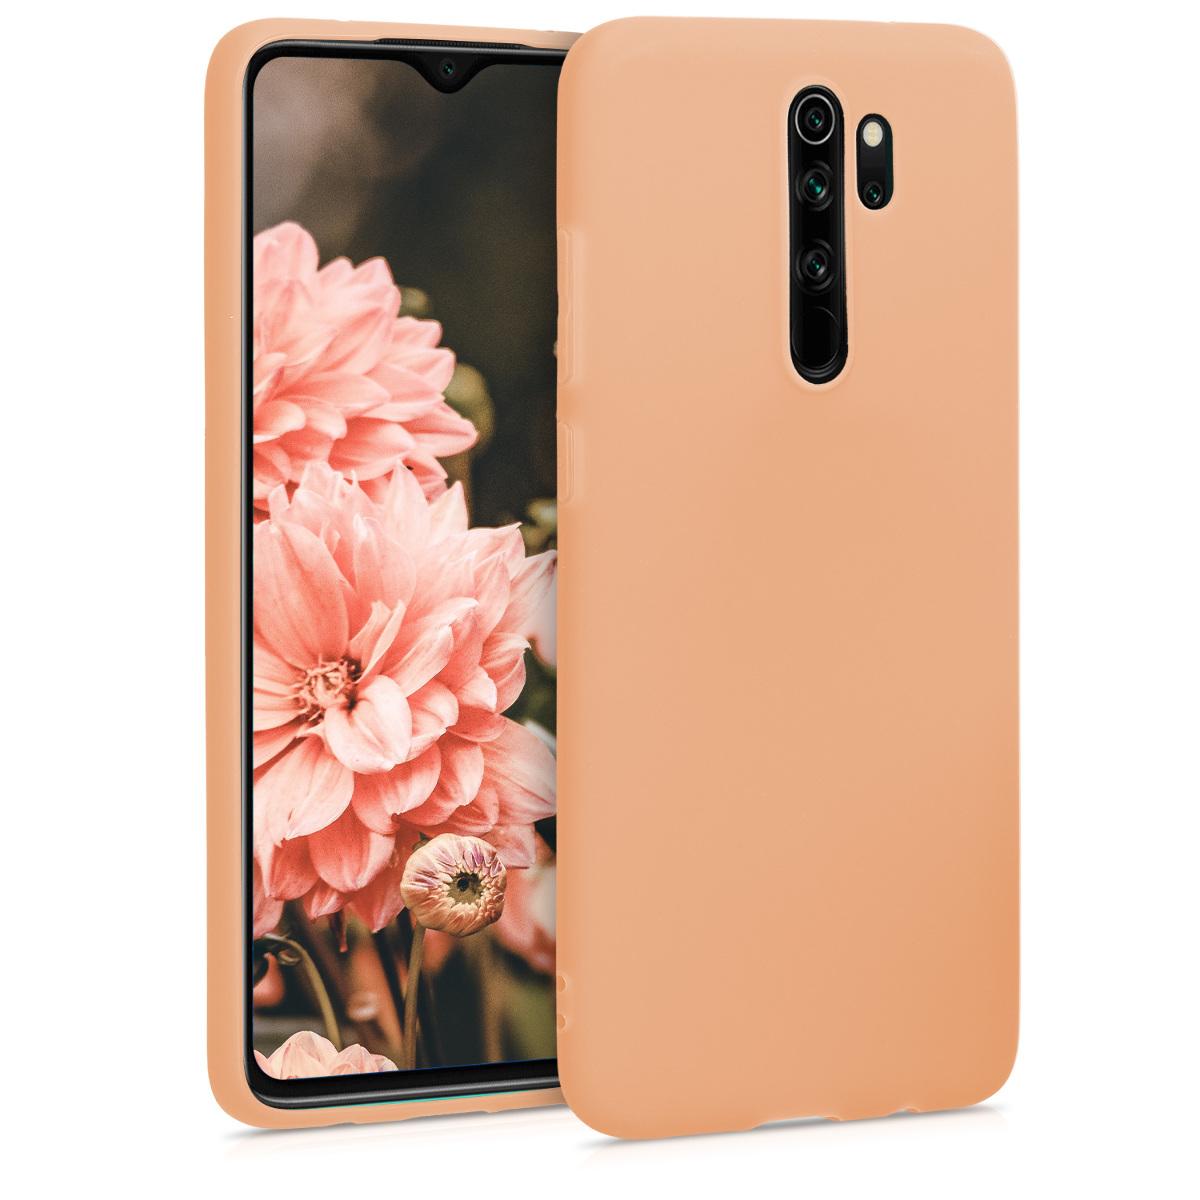 KW Θήκη Σιλικόνης Xiaomi Redmi Note 8 Pro - Peach (50242.138)